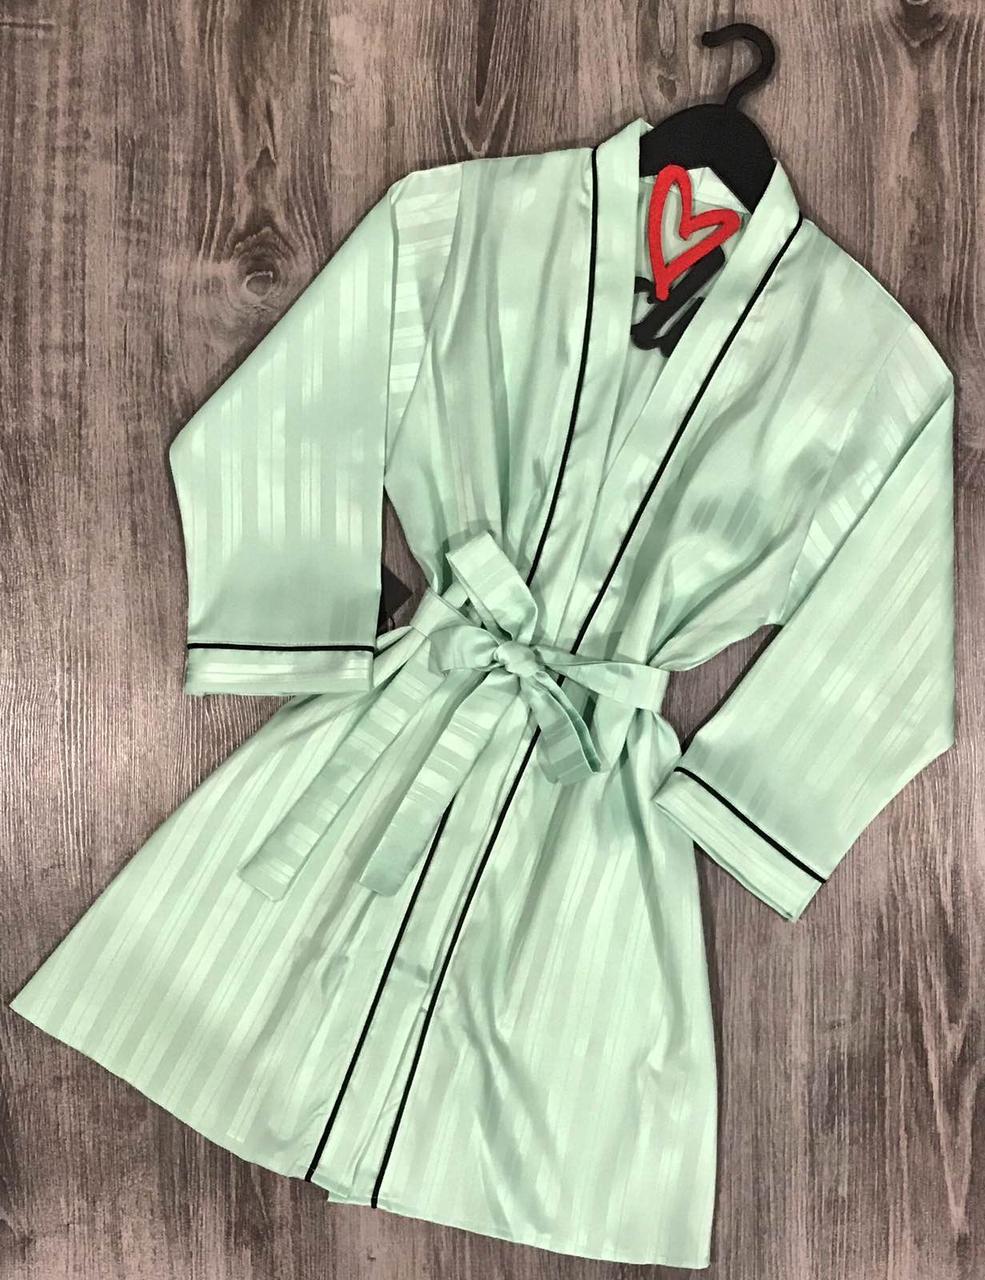 Елегантний жіночий халат на запах під пояс ніжного м'ятного кольору.